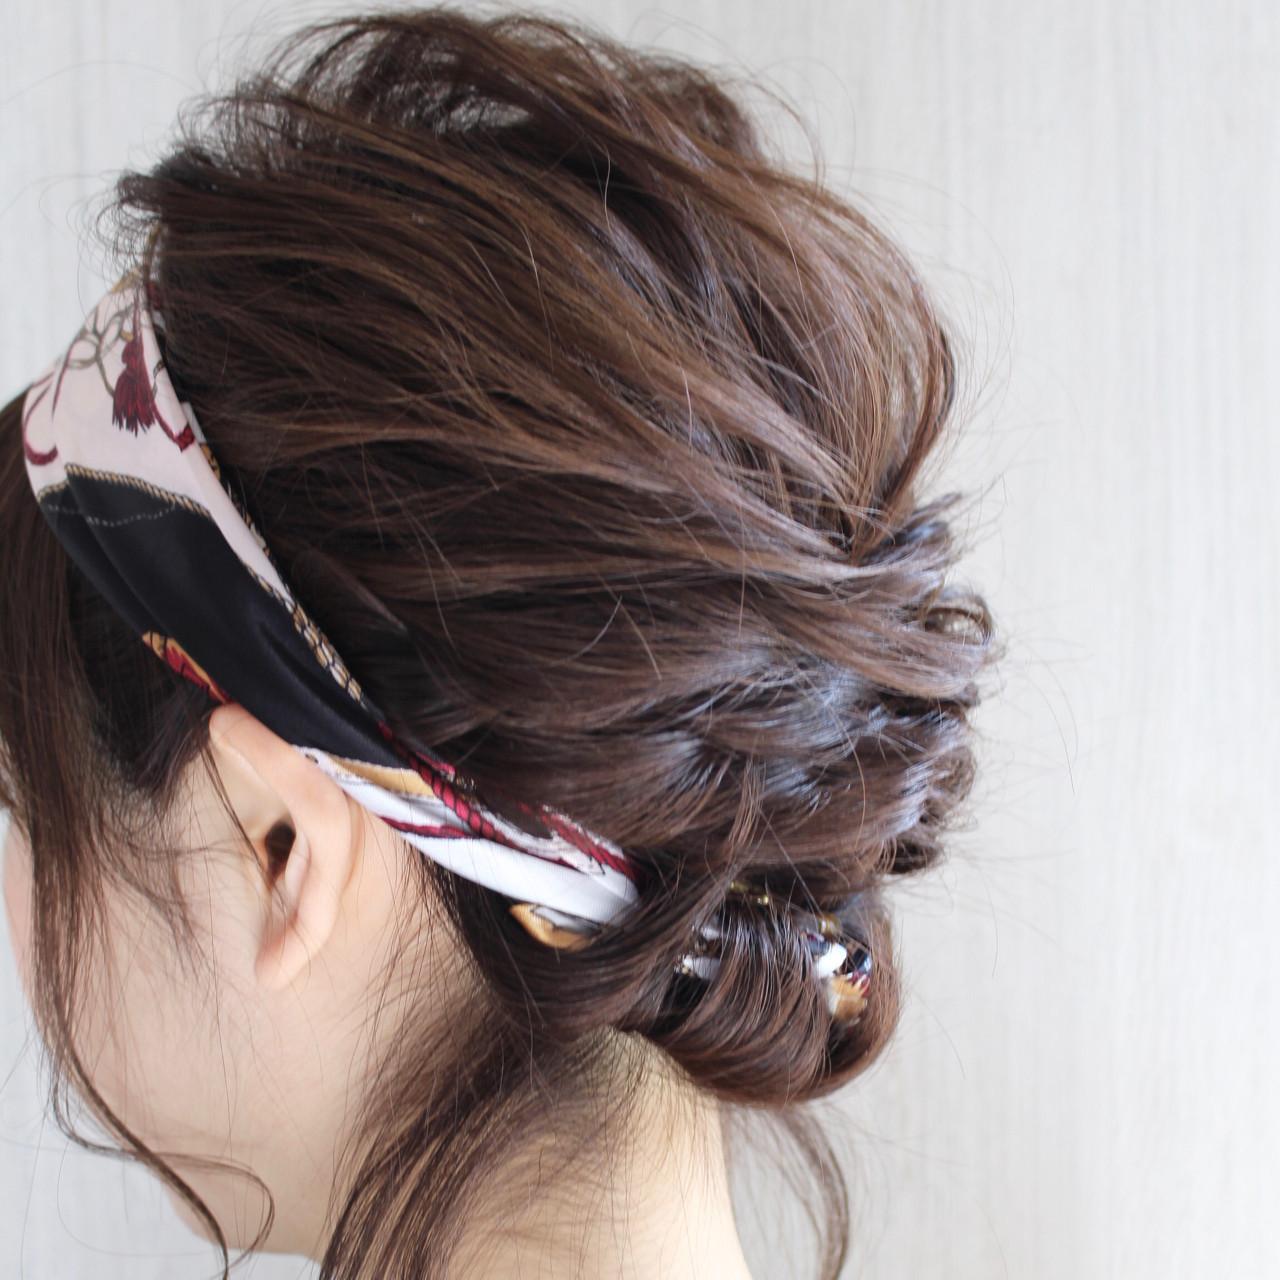 スカーフで大人こなれなまとめ髪アレンジで♡ RIO watanabe